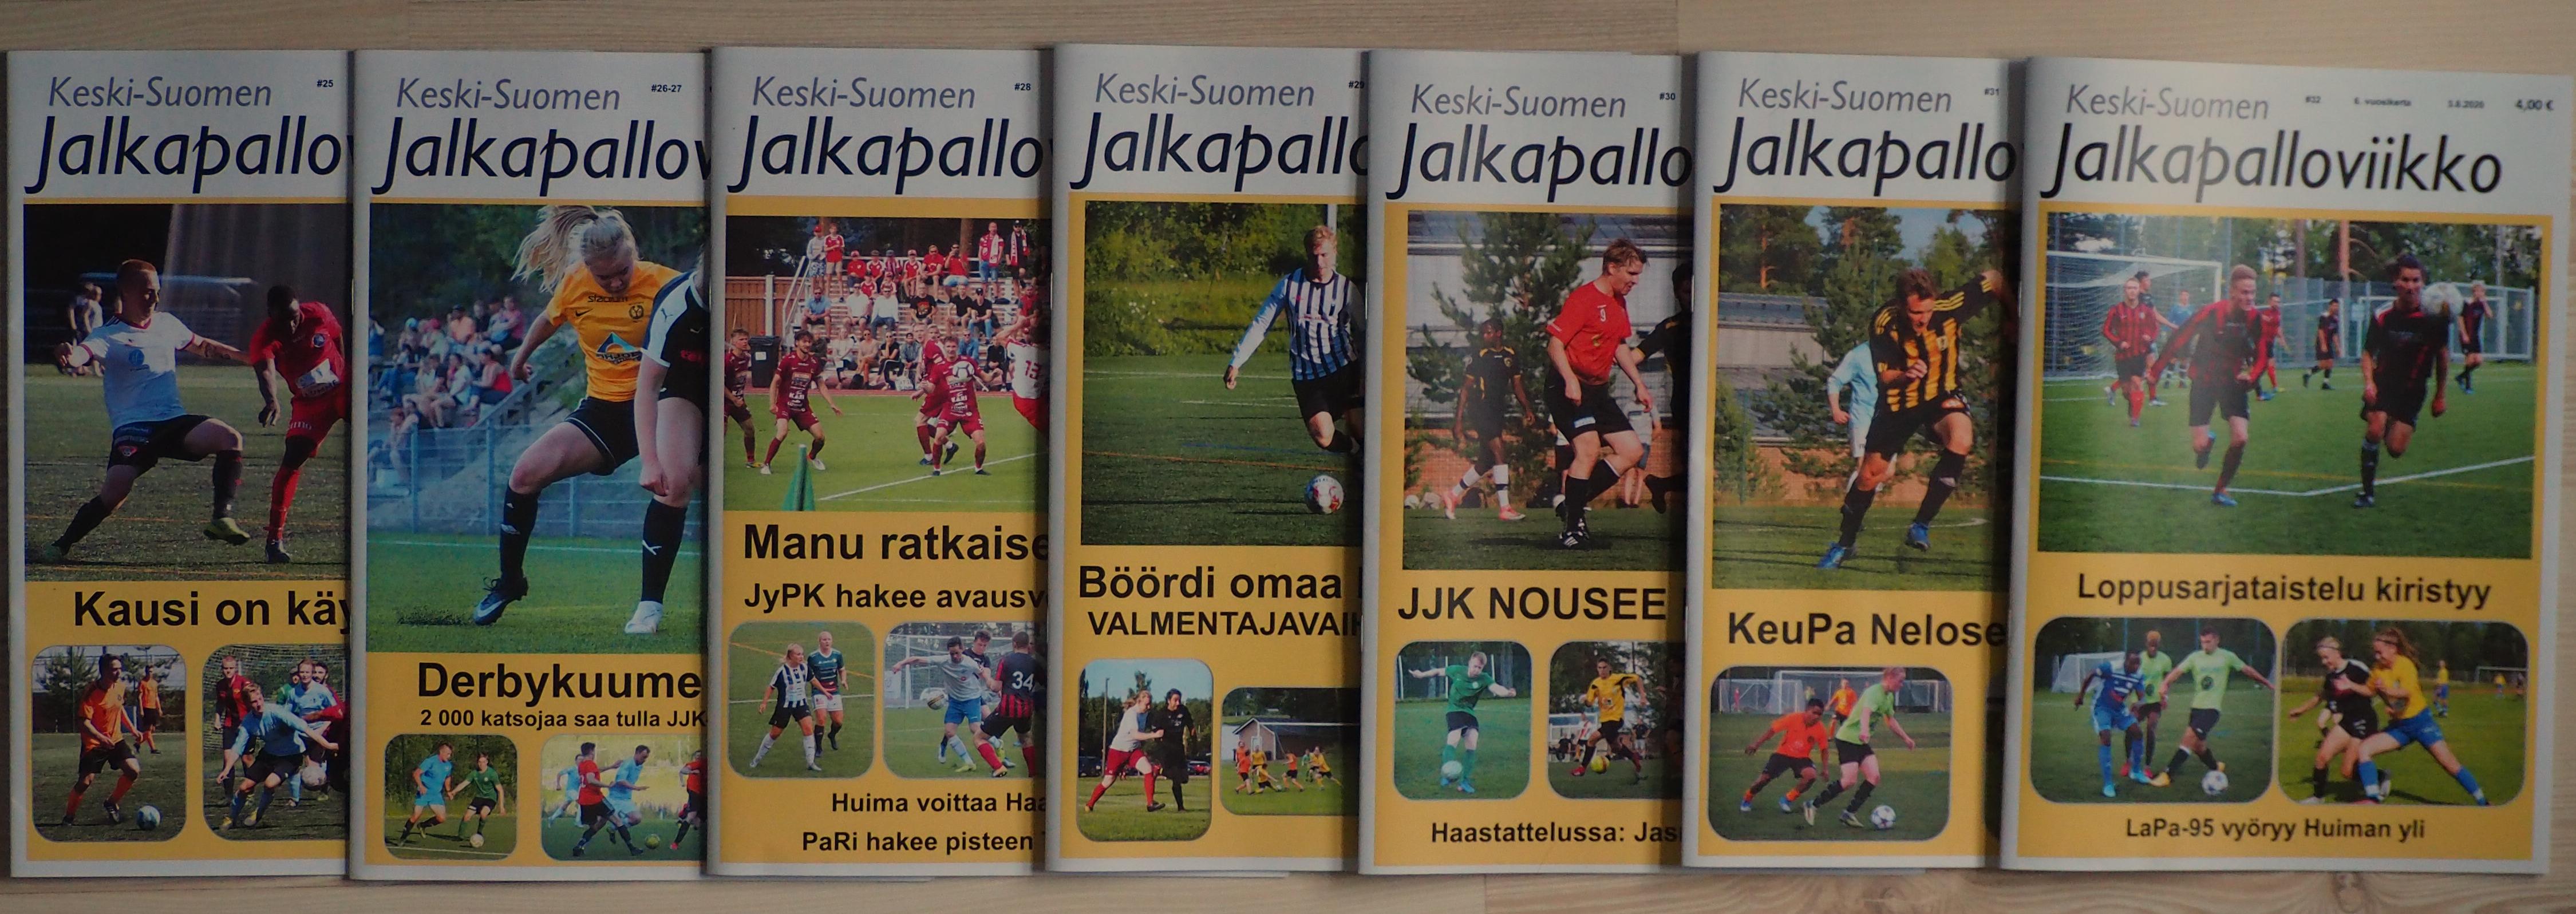 Keski-Suomen Jalkapalloviikko, kestotilaus